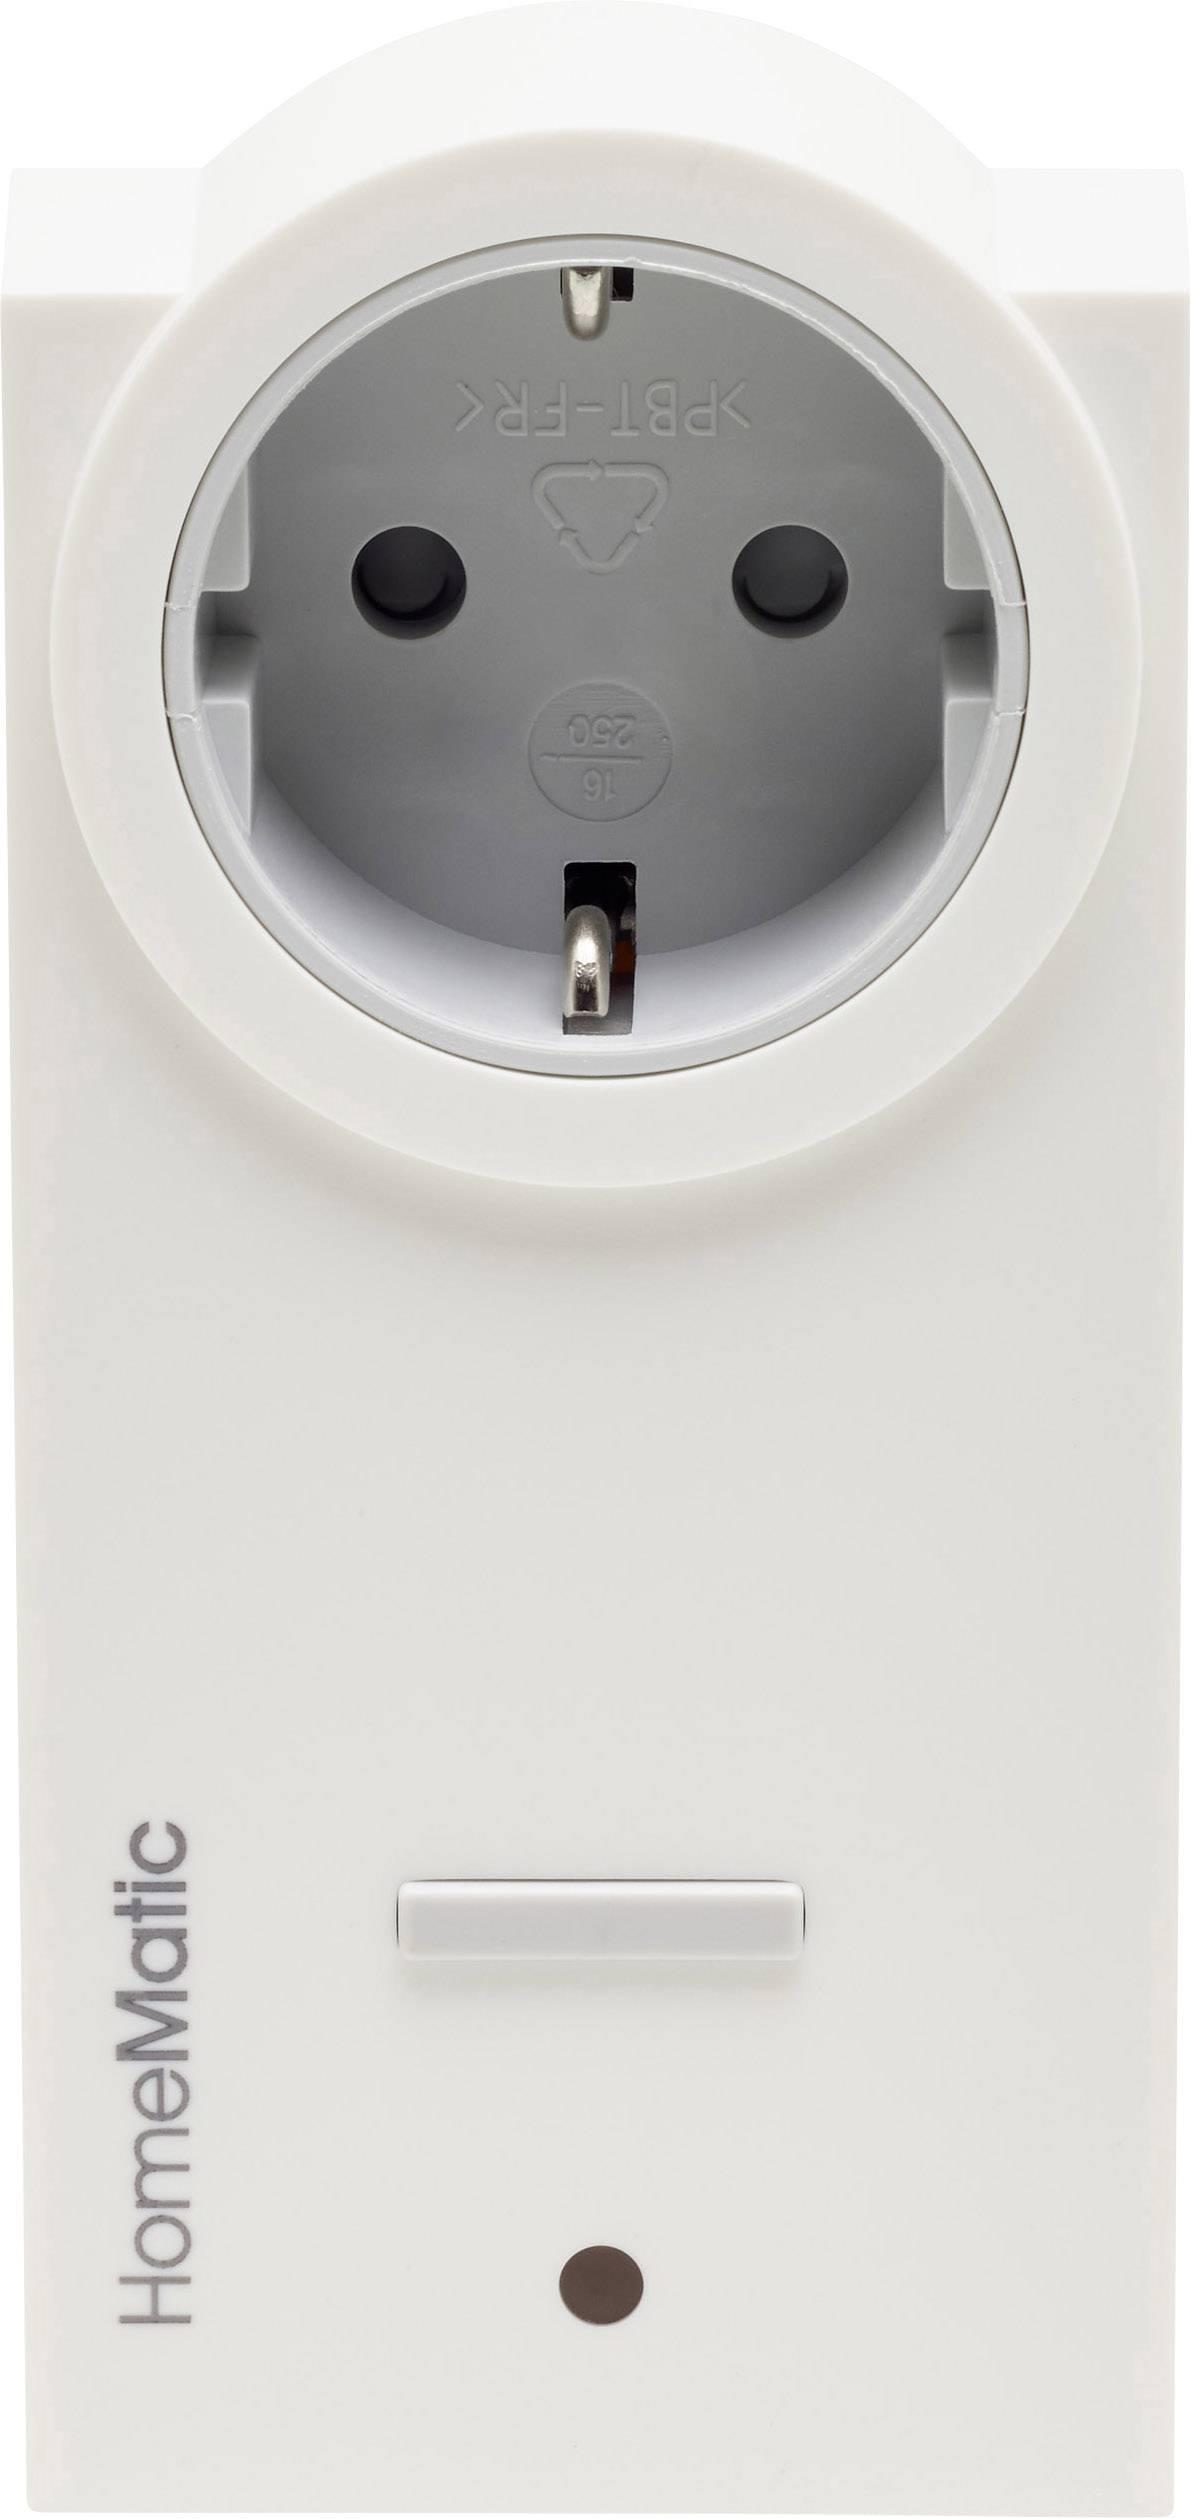 Bezdrôtová spínacia zásuvka HomeMatic 132989A0 1-kanálový , max. dosah 150 m